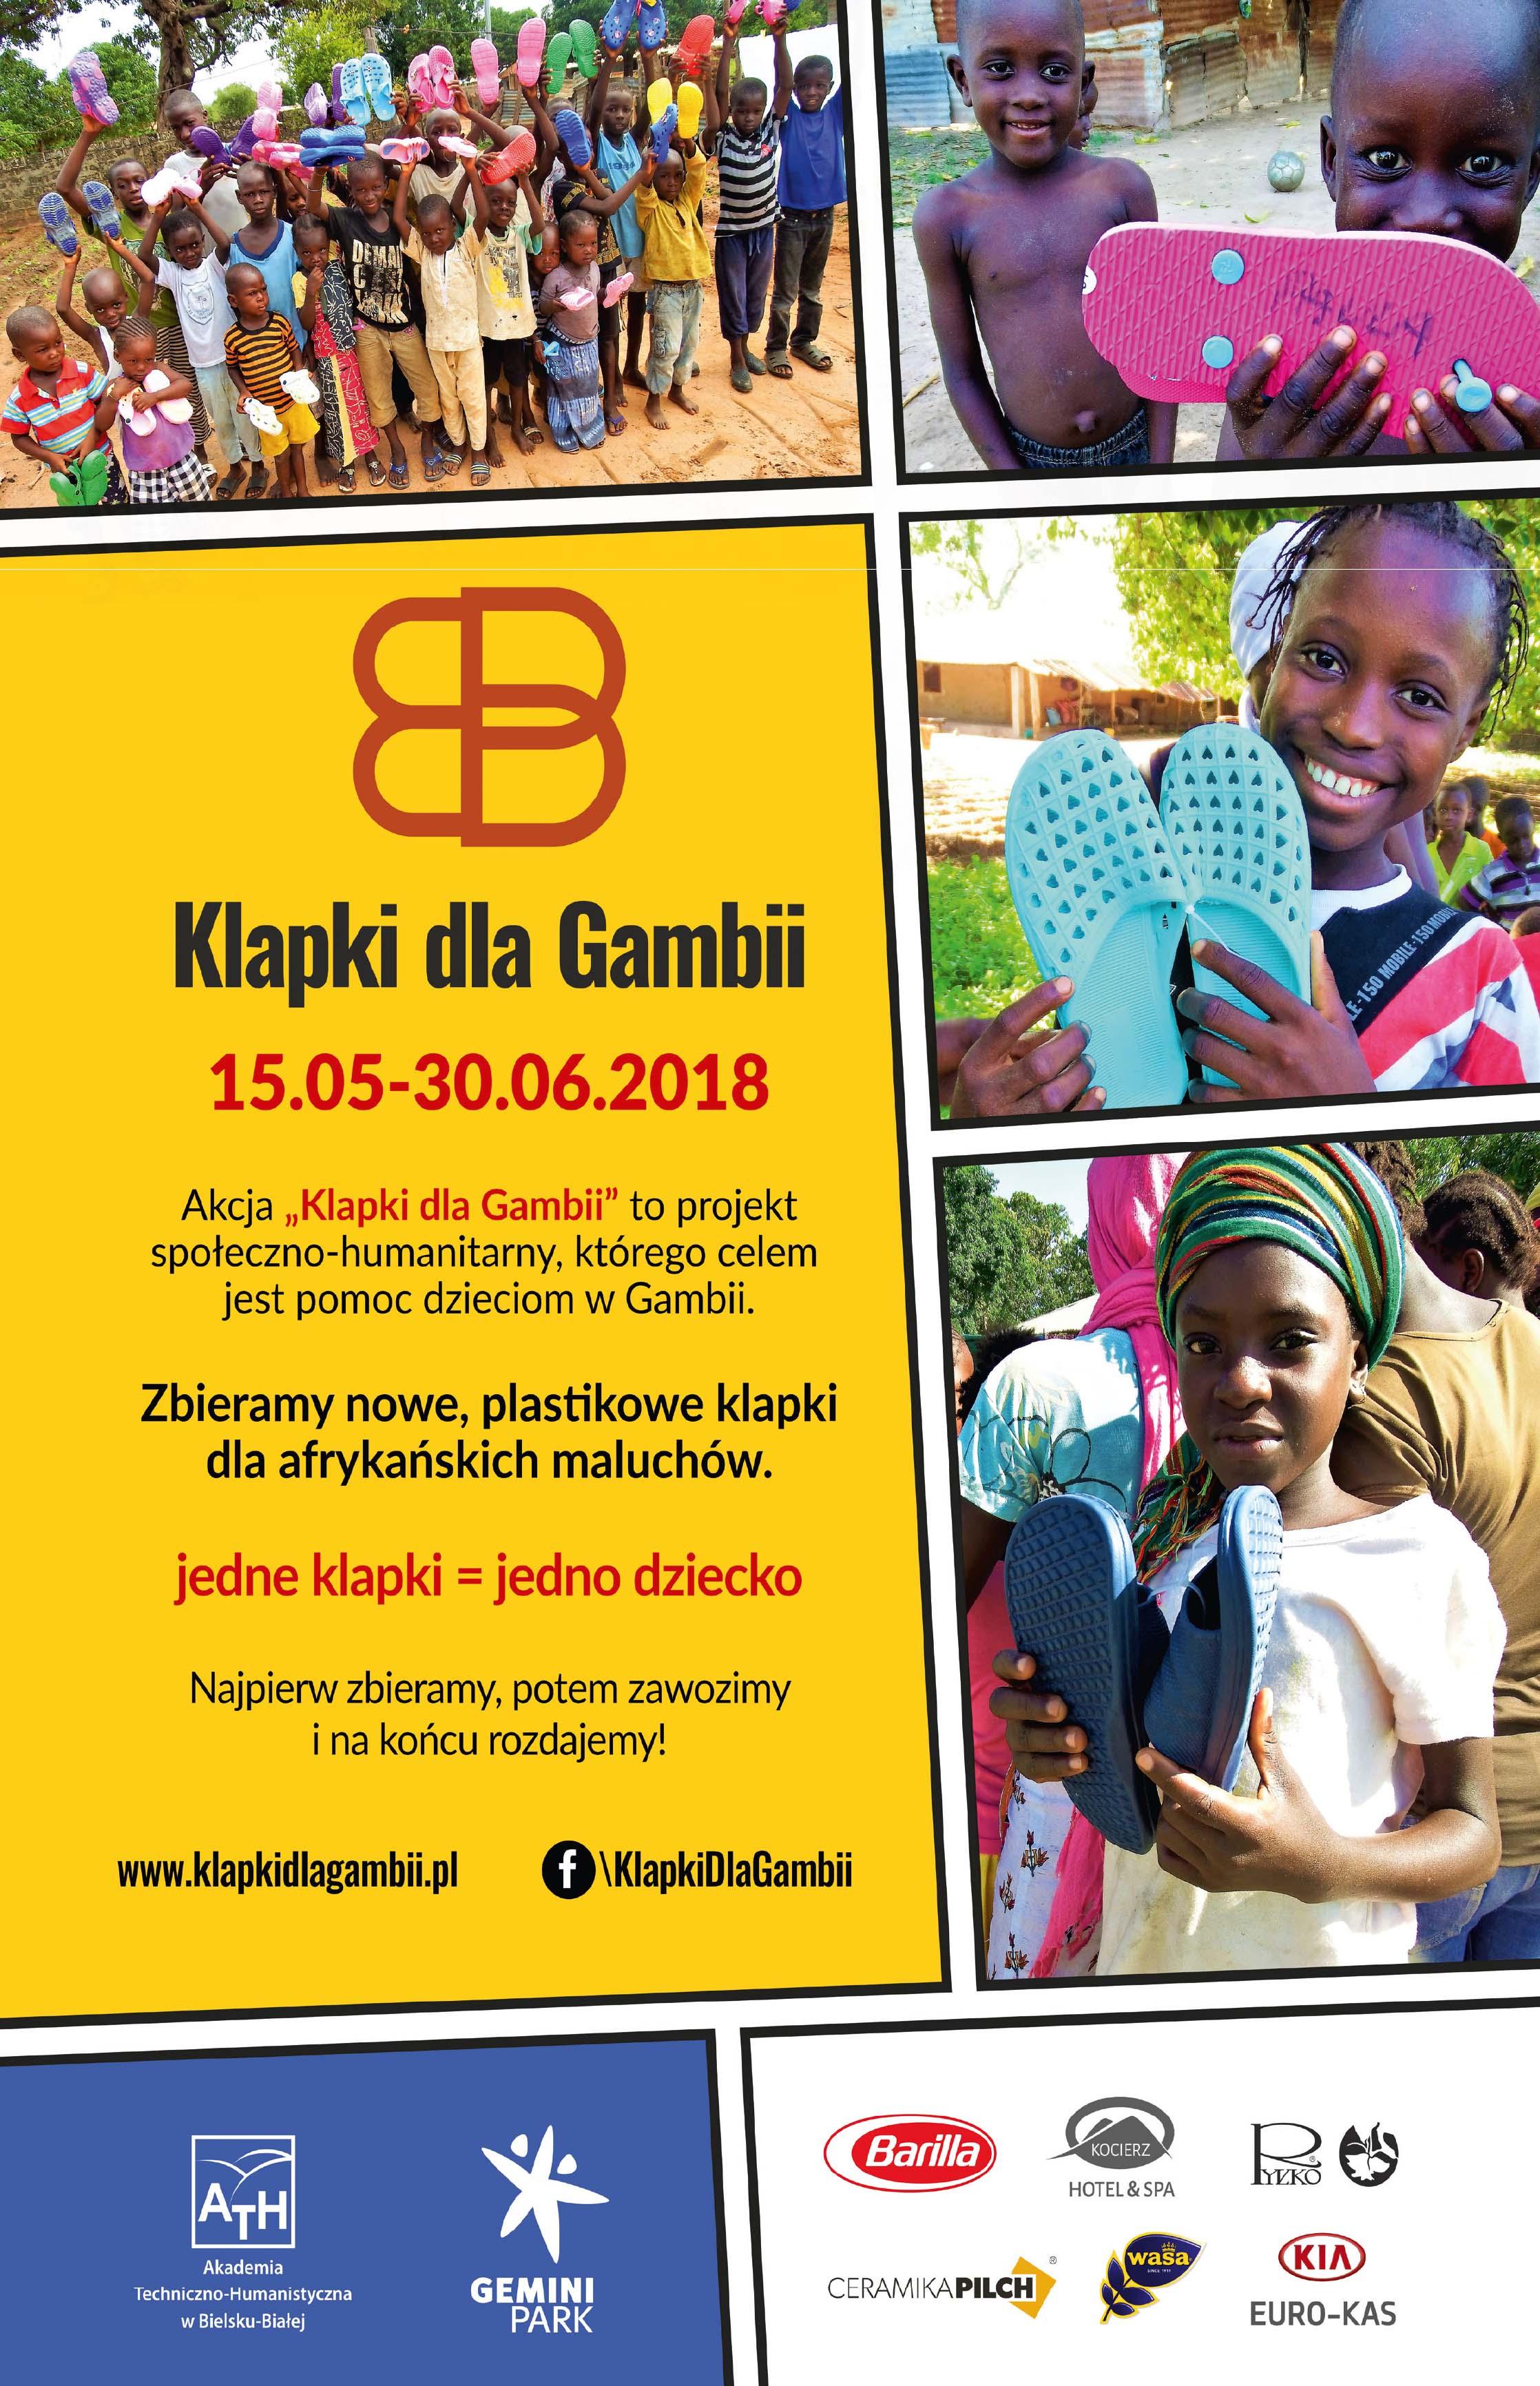 Znalezione obrazy dla zapytania klapki dla gambii